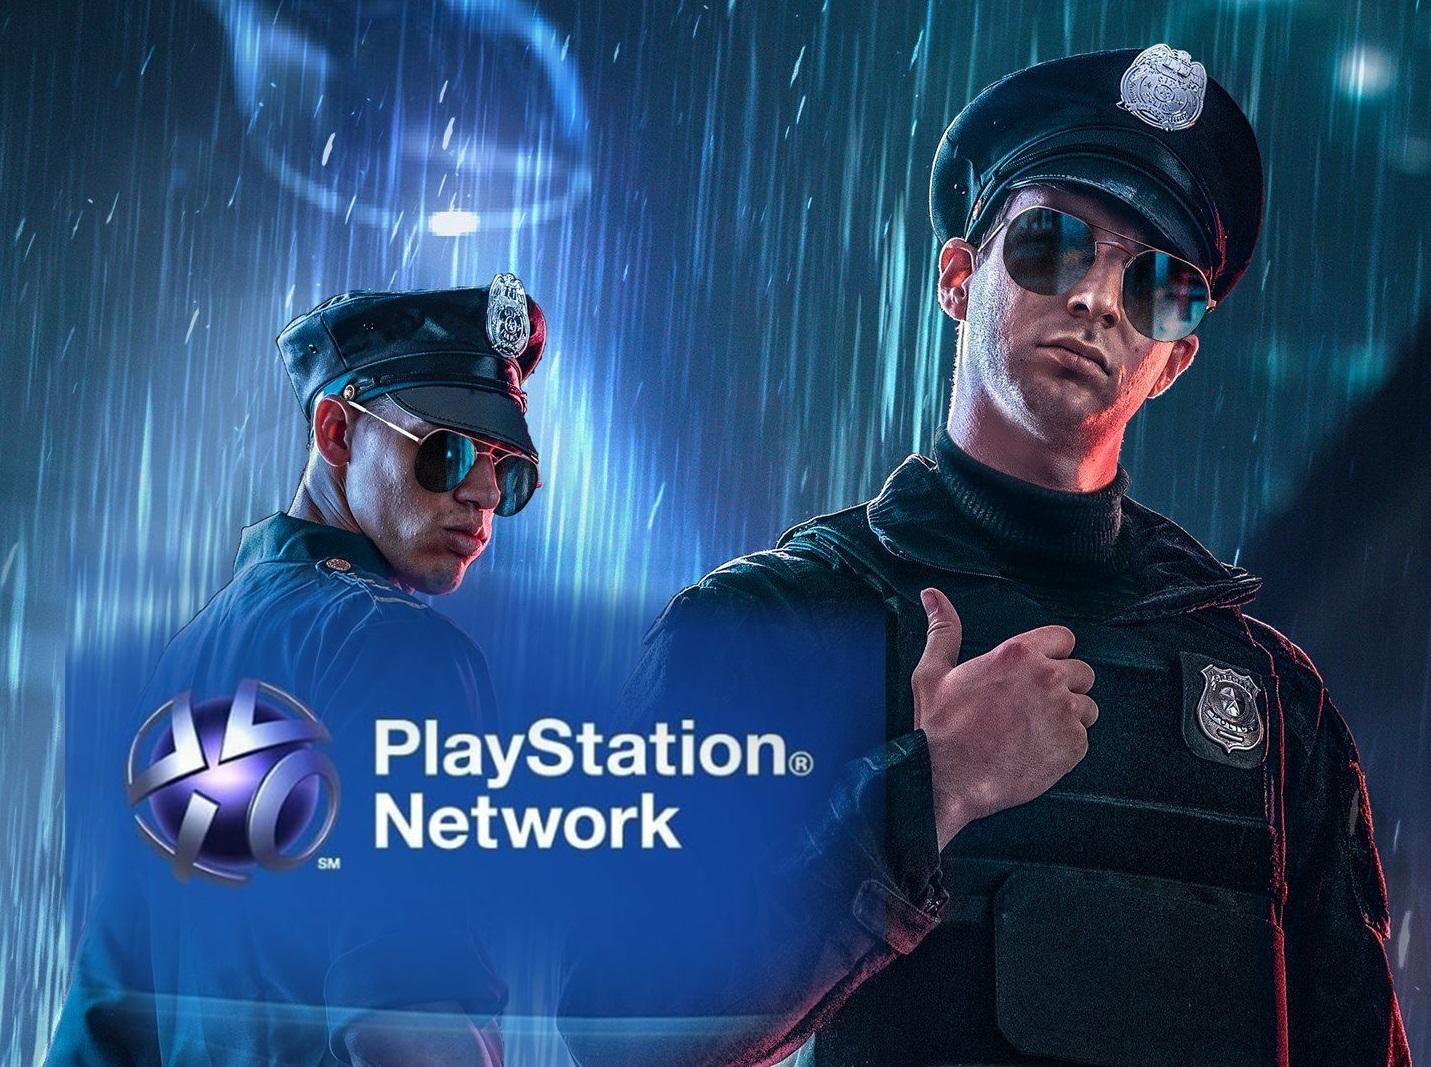 """Геймър продавал """"бяло"""" през PlayStation Network"""